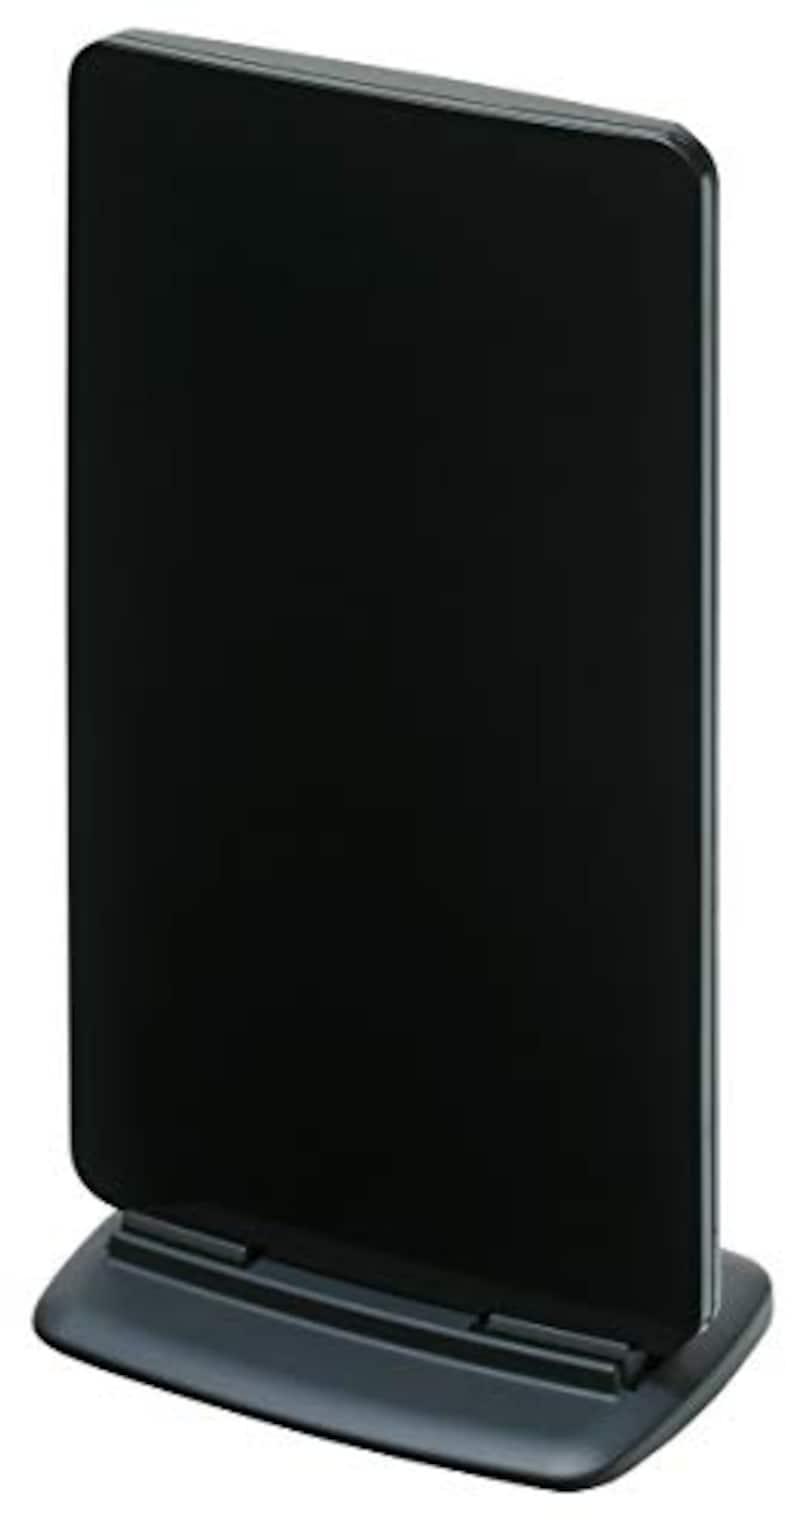 マスプロ電工,家庭用UHF卓上アンテナ ブースター内蔵型,UTA2B